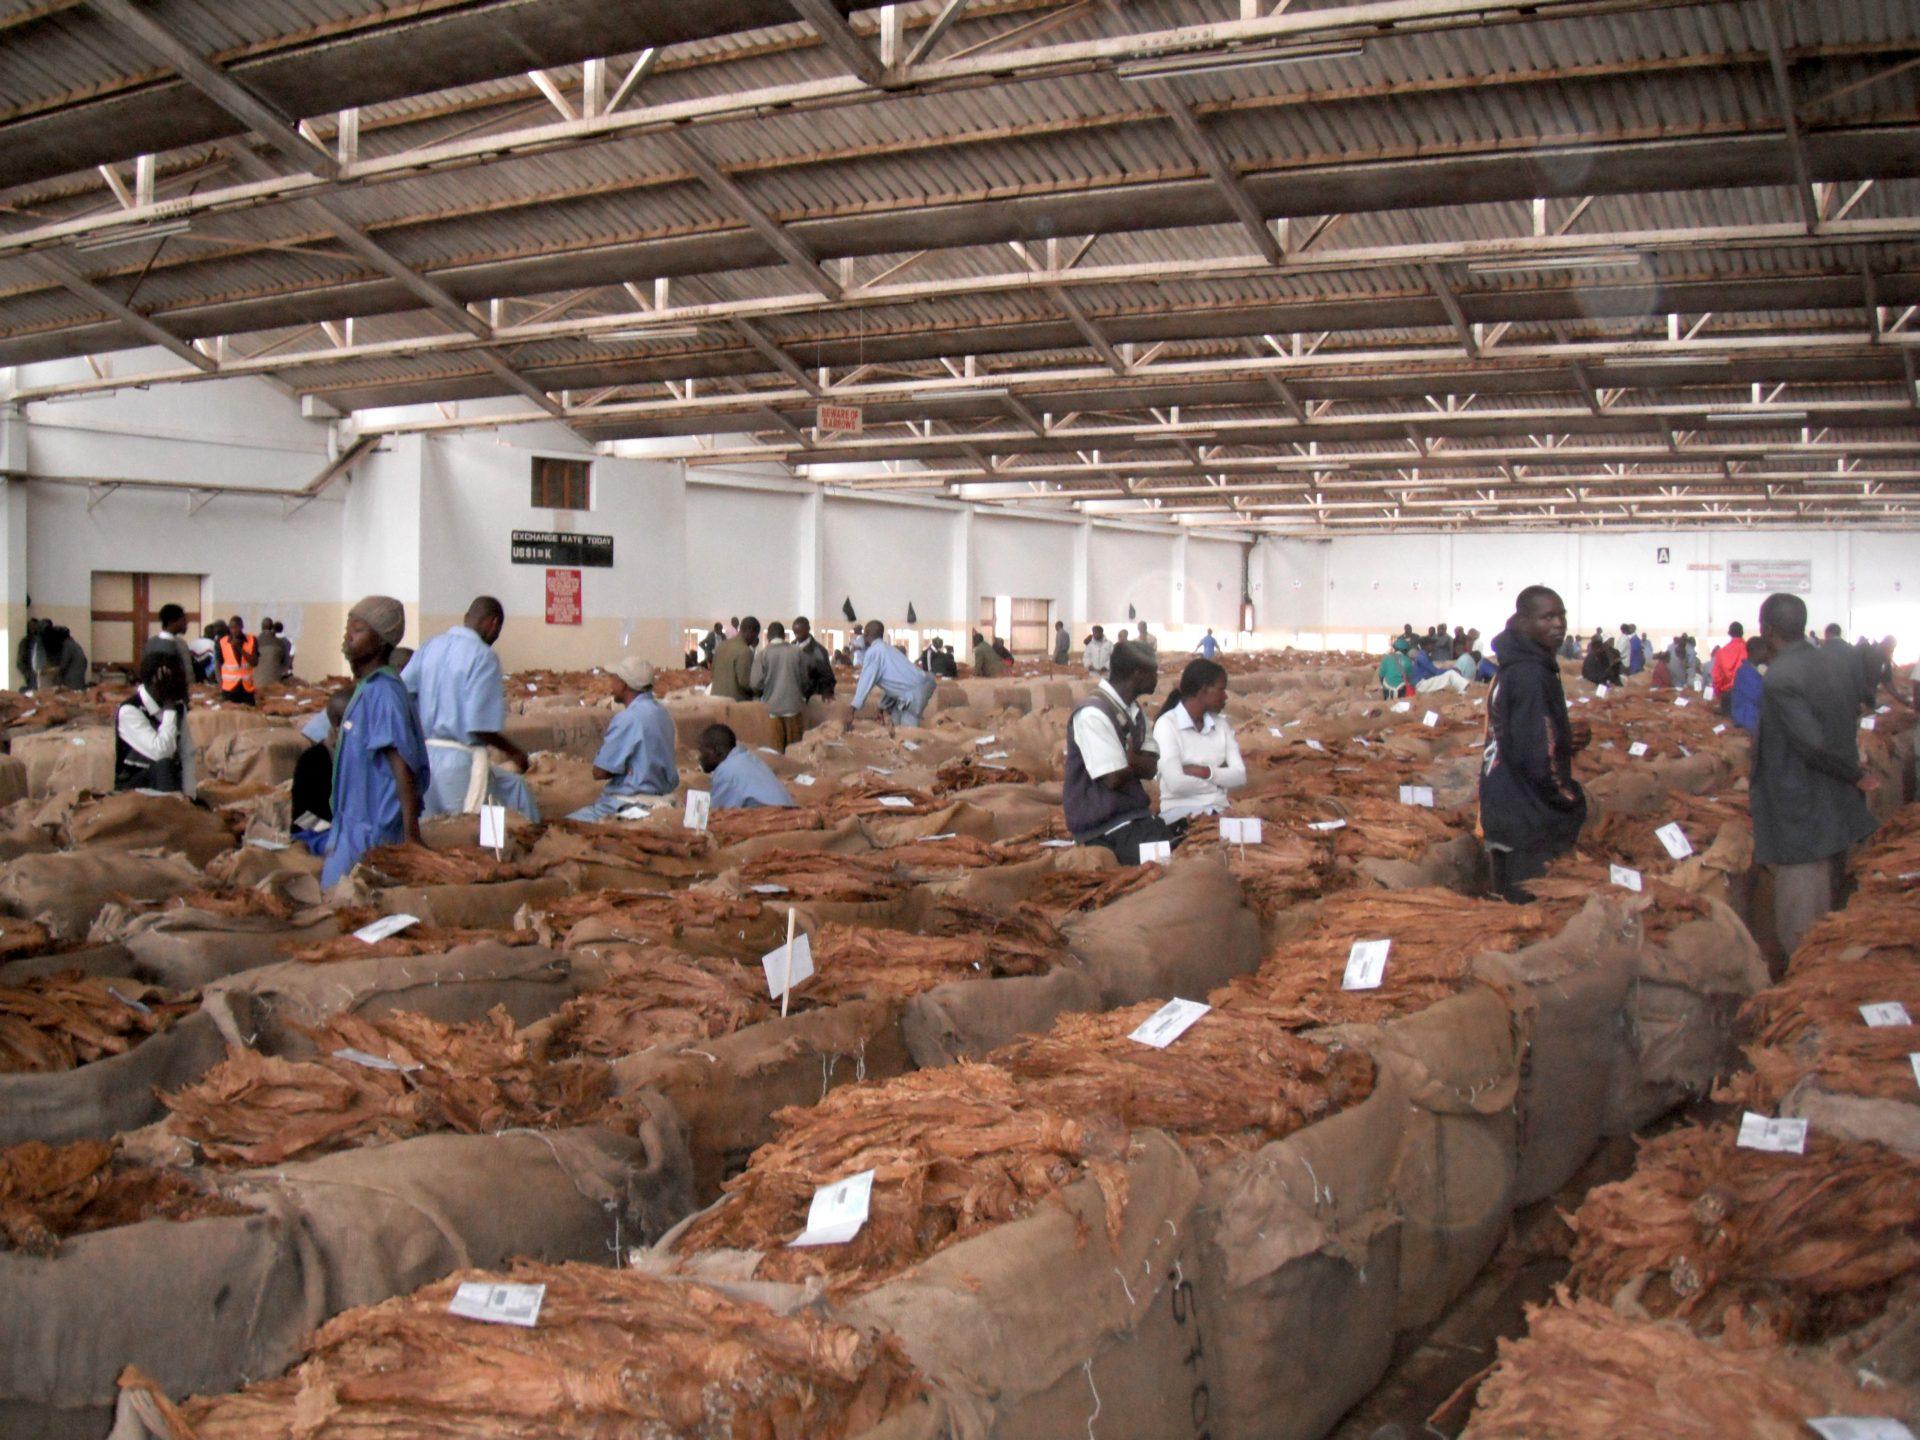 マラウィの首都リロングウェにおける葉タバコのオークション